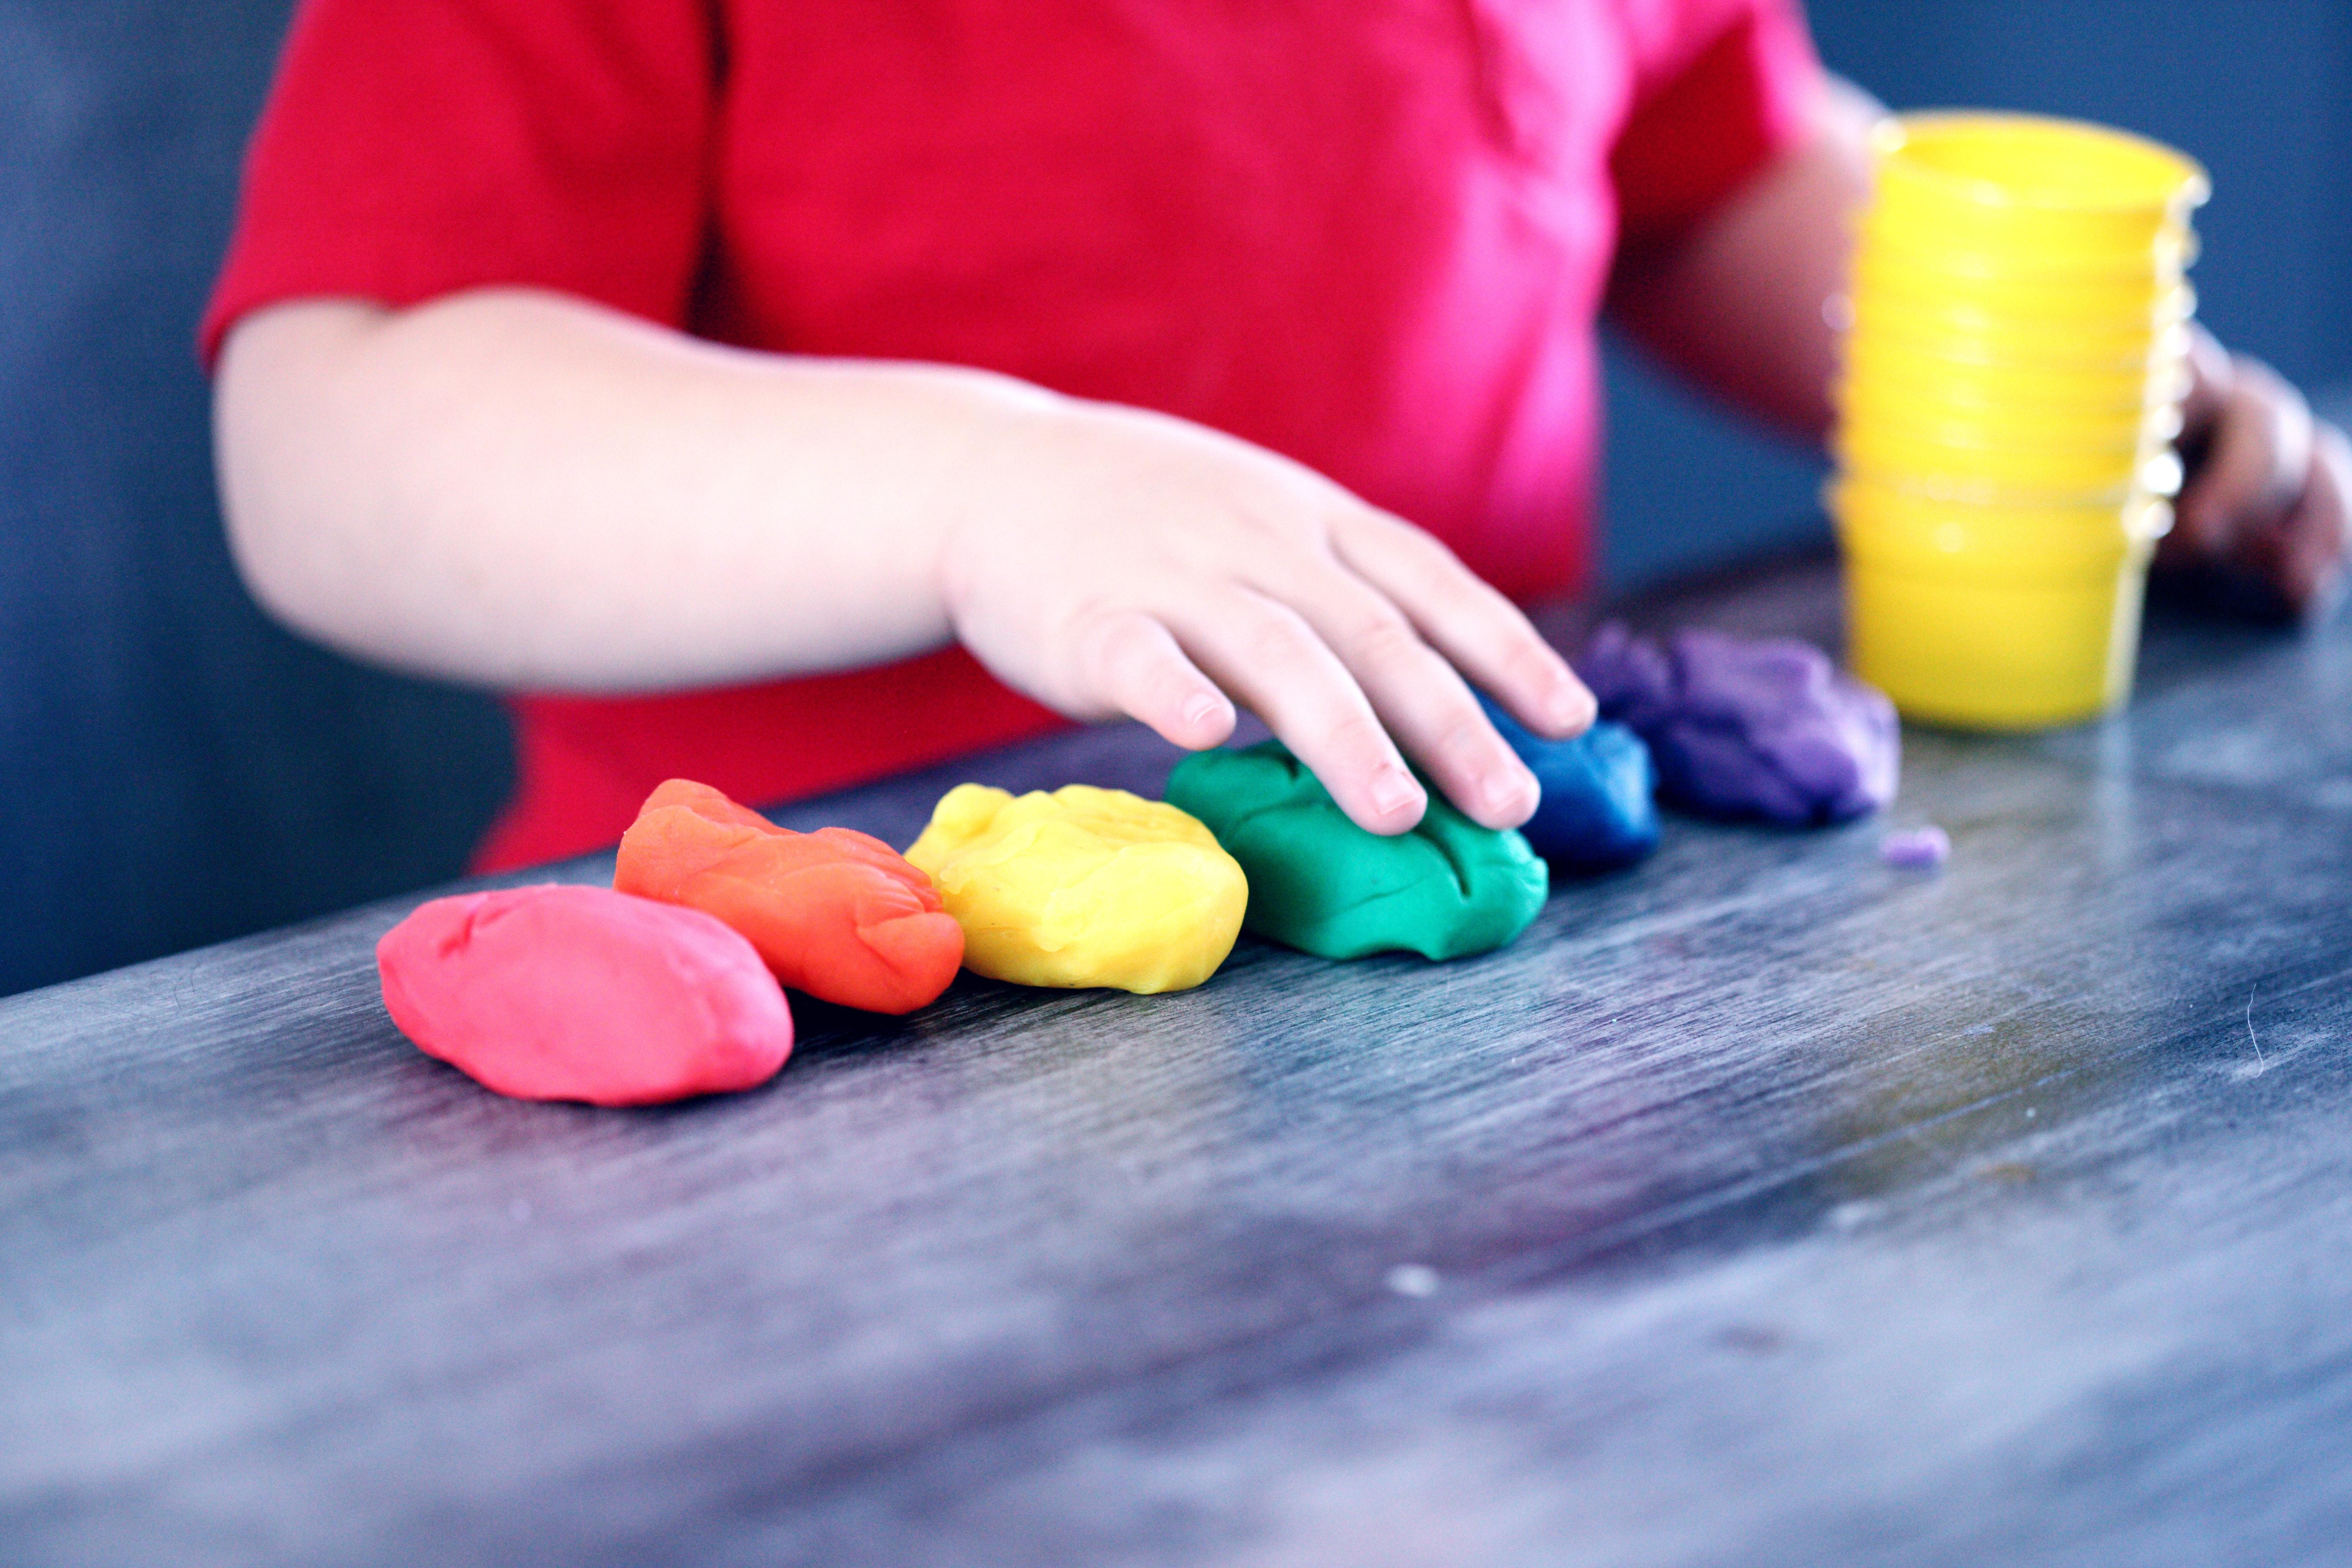 איך תבחרו טיפול תומך לילד שלכם במידה והוא על הספקטרום